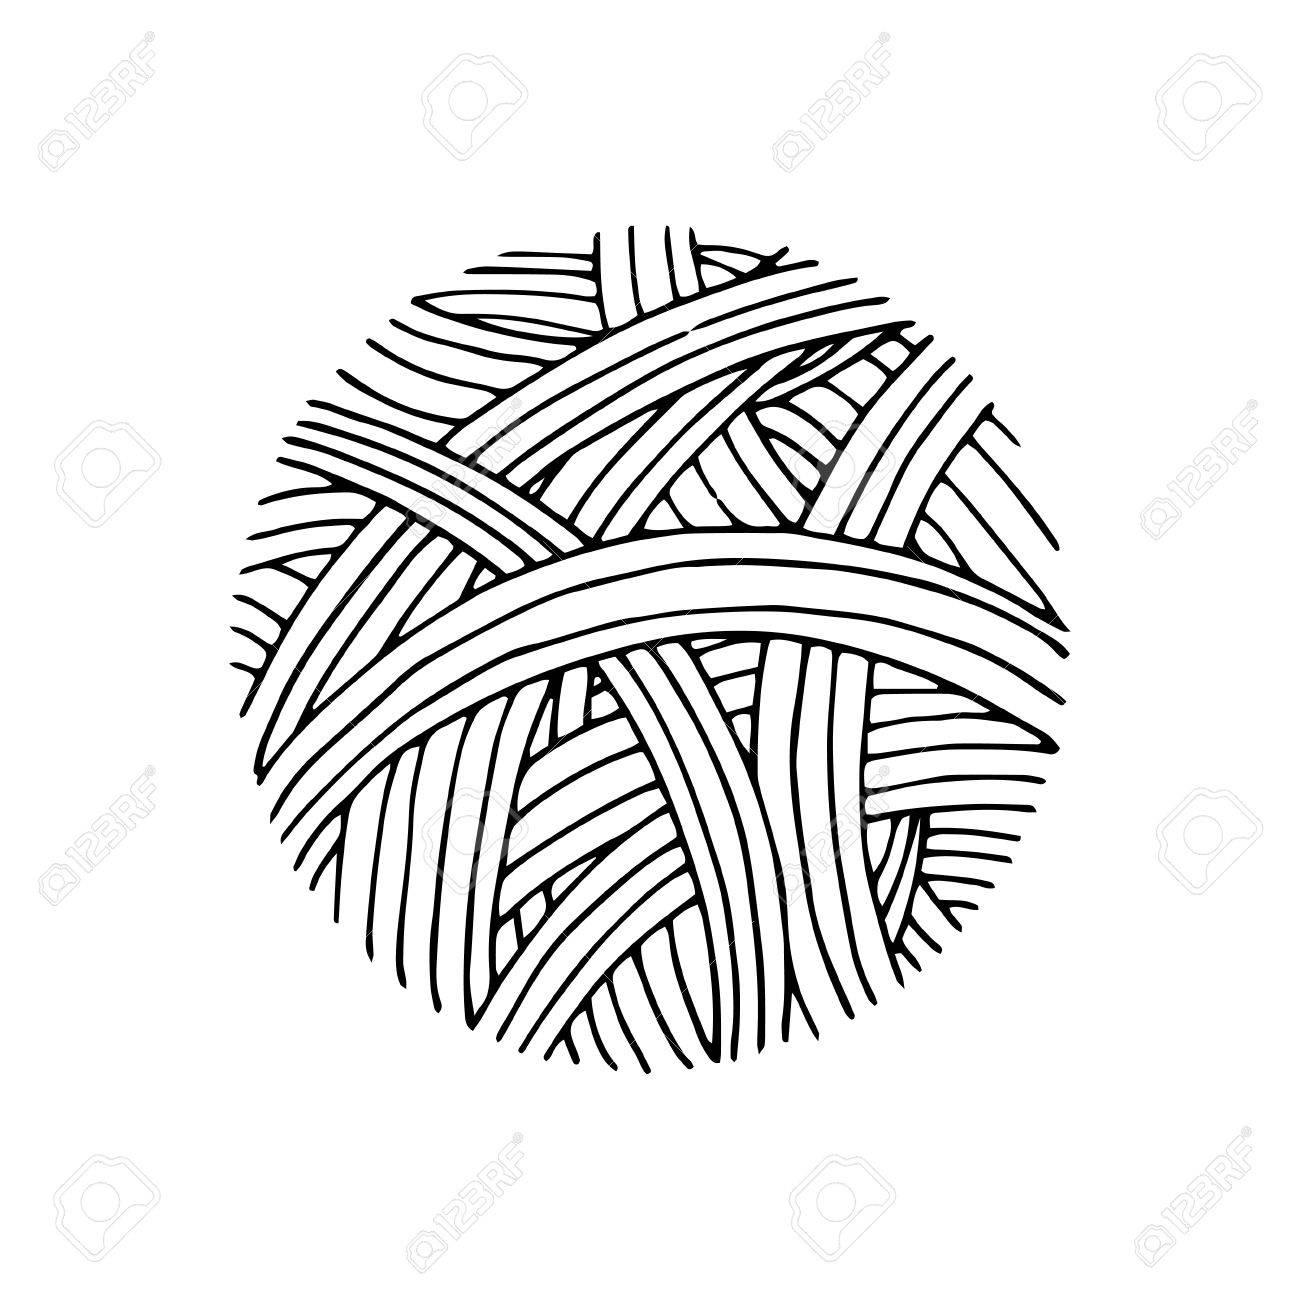 Patrón De Bola De Hilo A Mano Estilo Dibujado. Ilustración ...